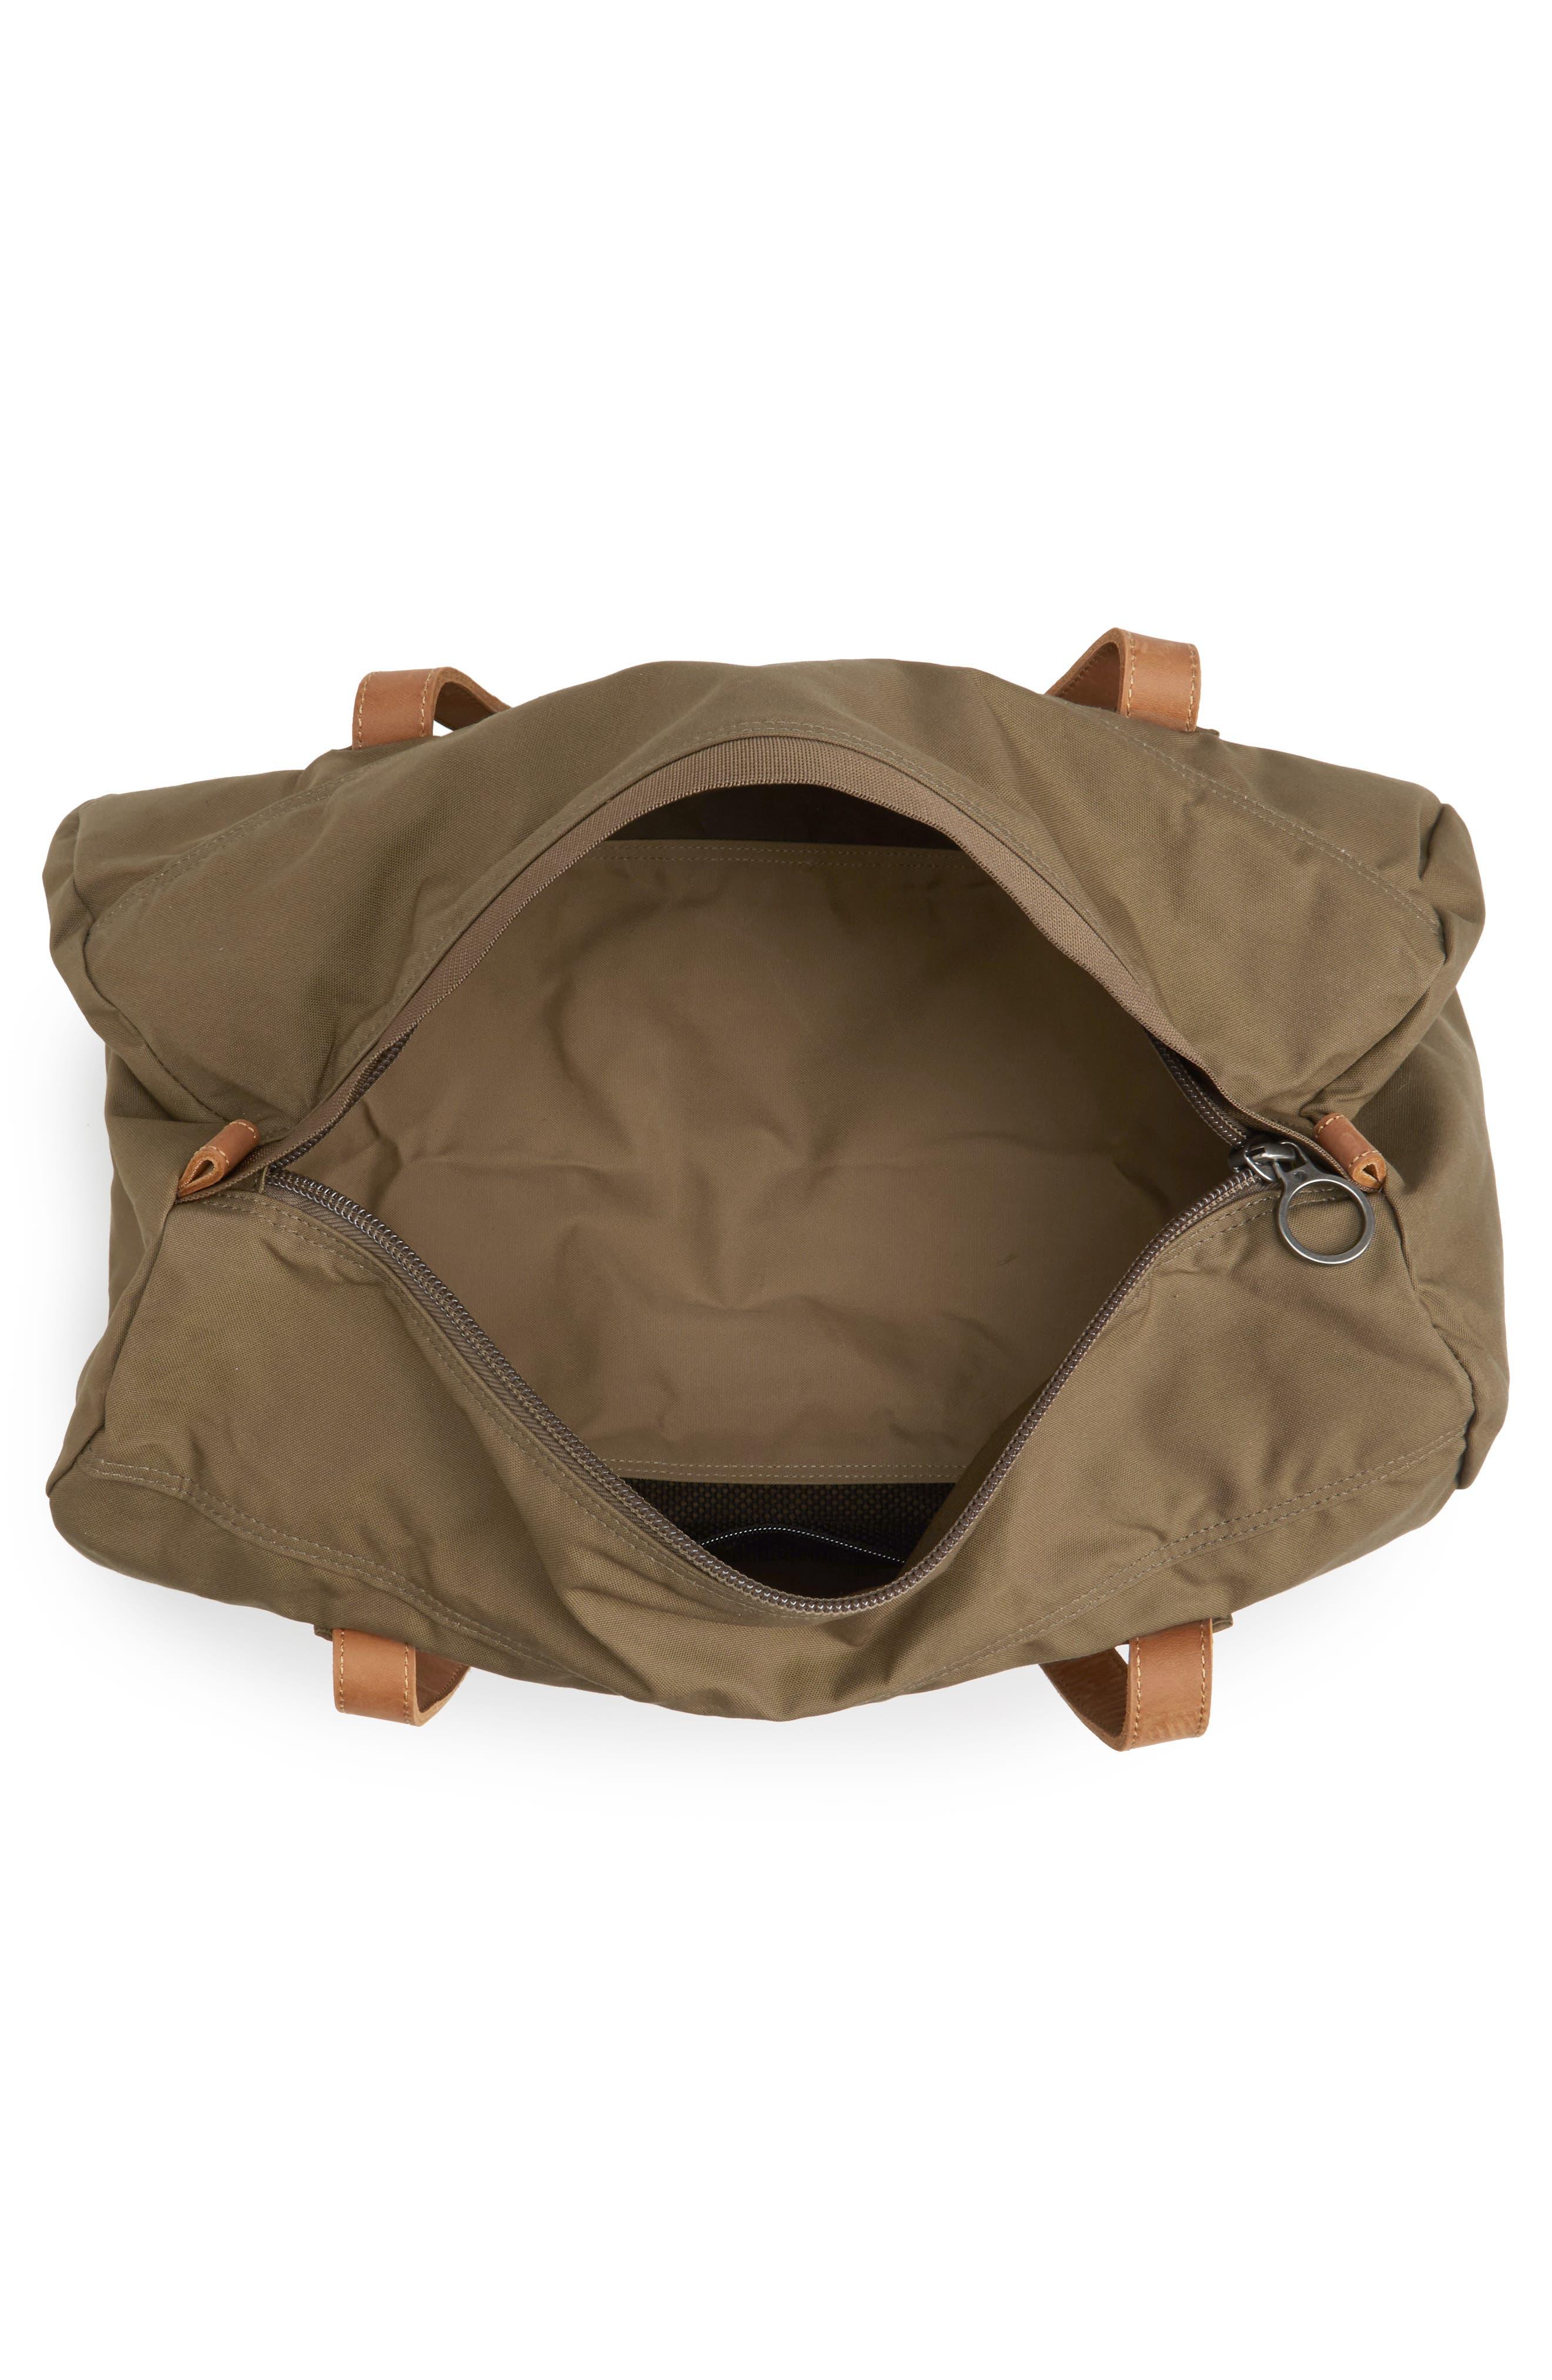 'Duffel No.4' Water Resistant Duffel Bag,                             Alternate thumbnail 4, color,                             283